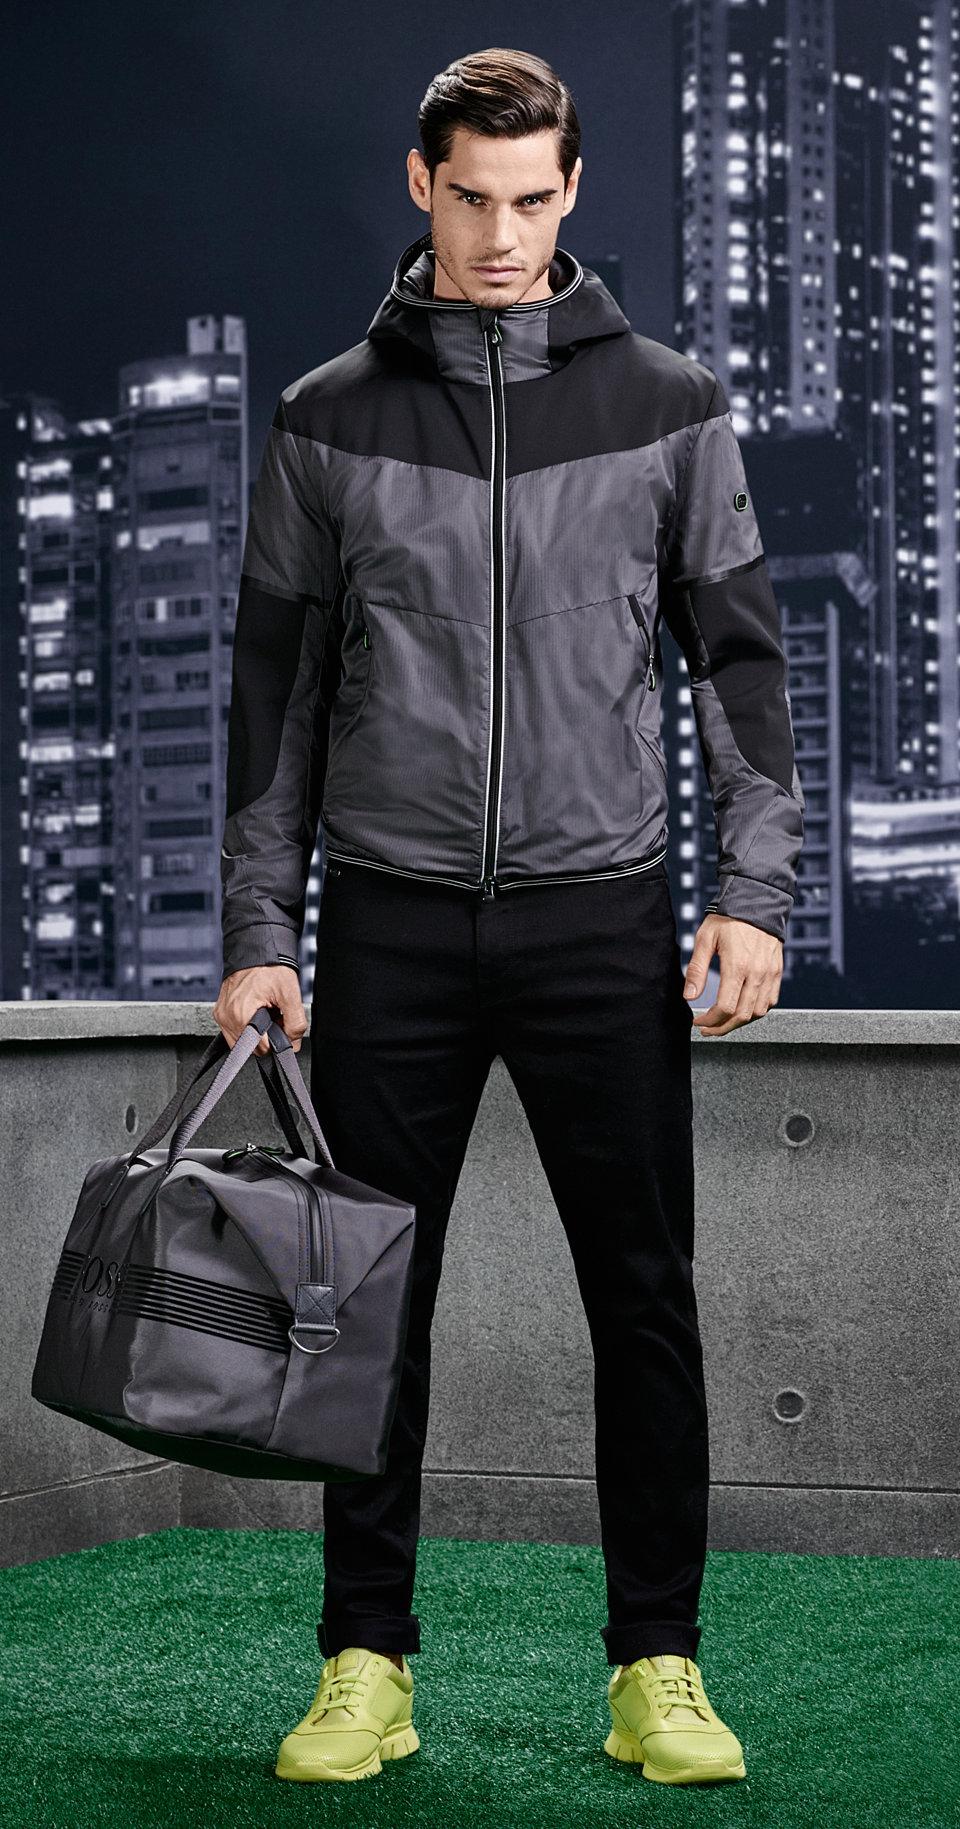 Jacke in Schwarz und Grau, schwarze Hose und Sneaker von BOSS Green